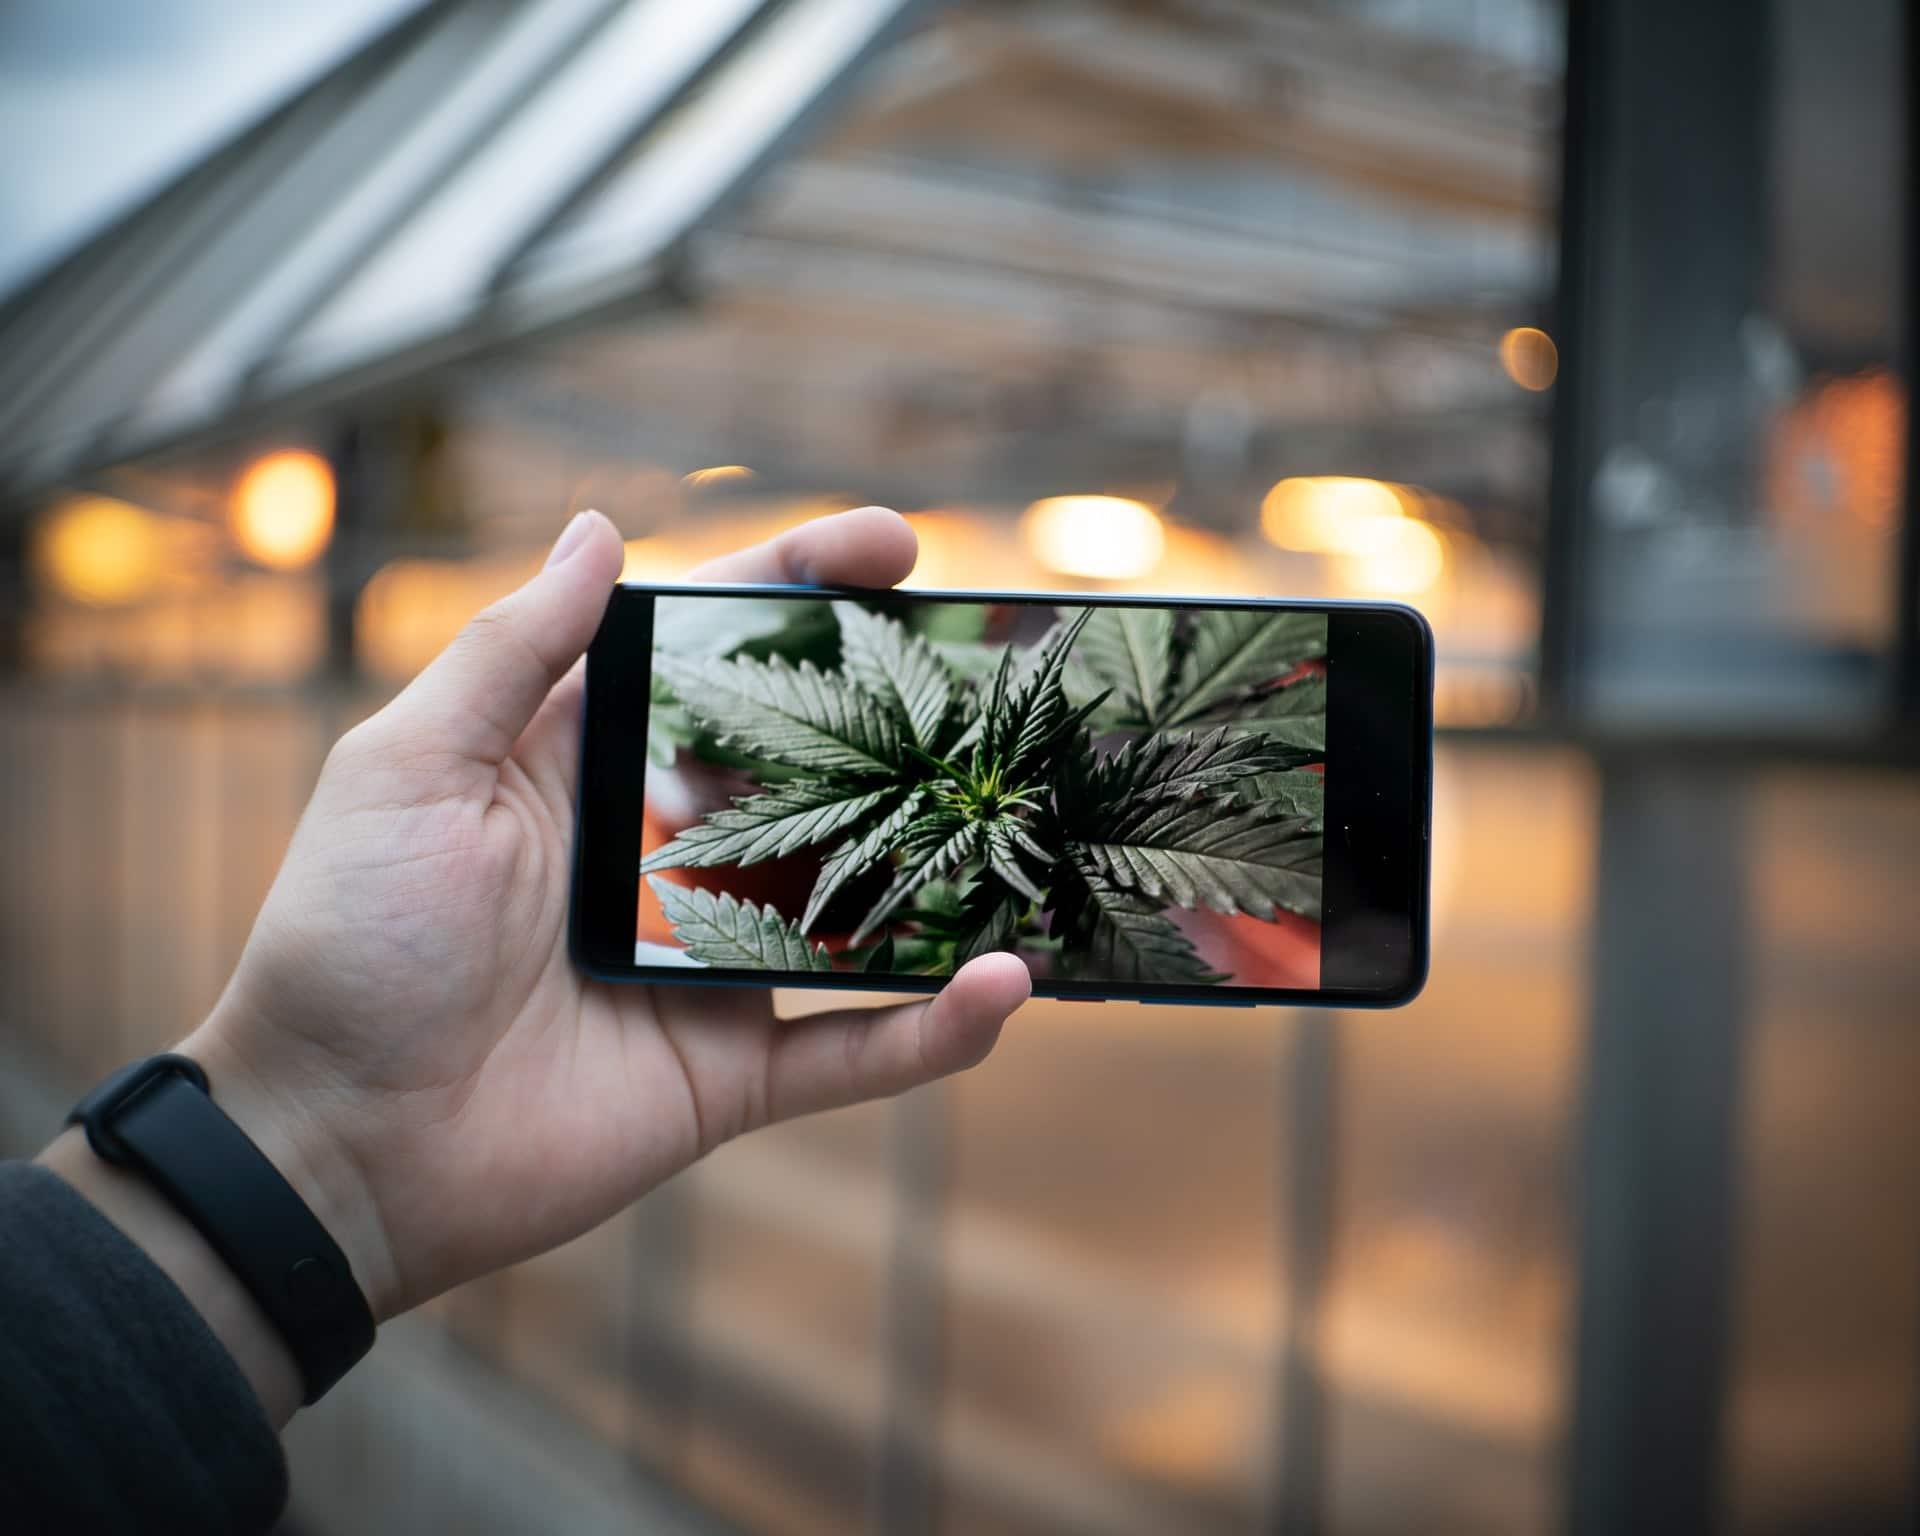 Nación Cannabis | Amazon duda sobre iniciar venta de cannabis